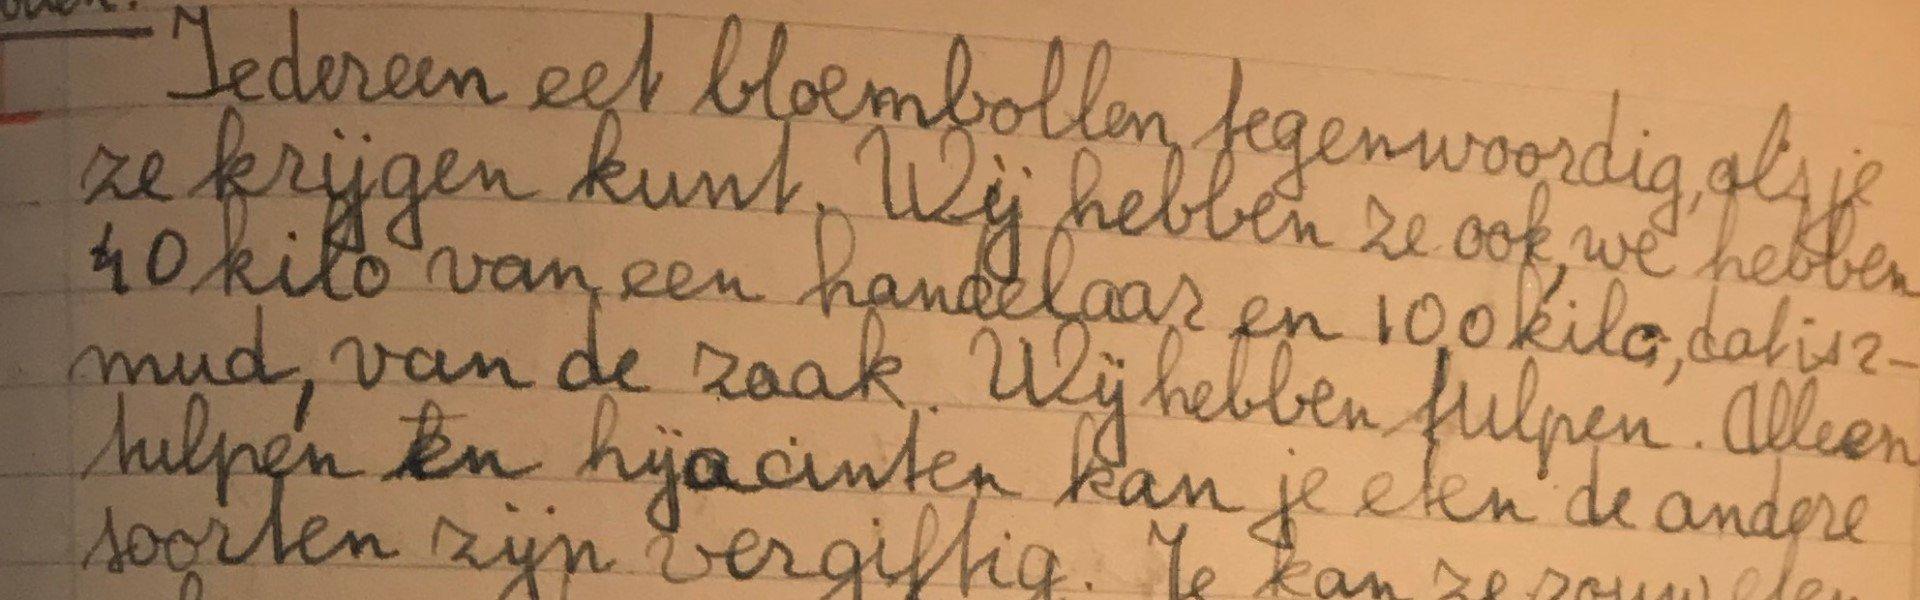 Dagboekfragment